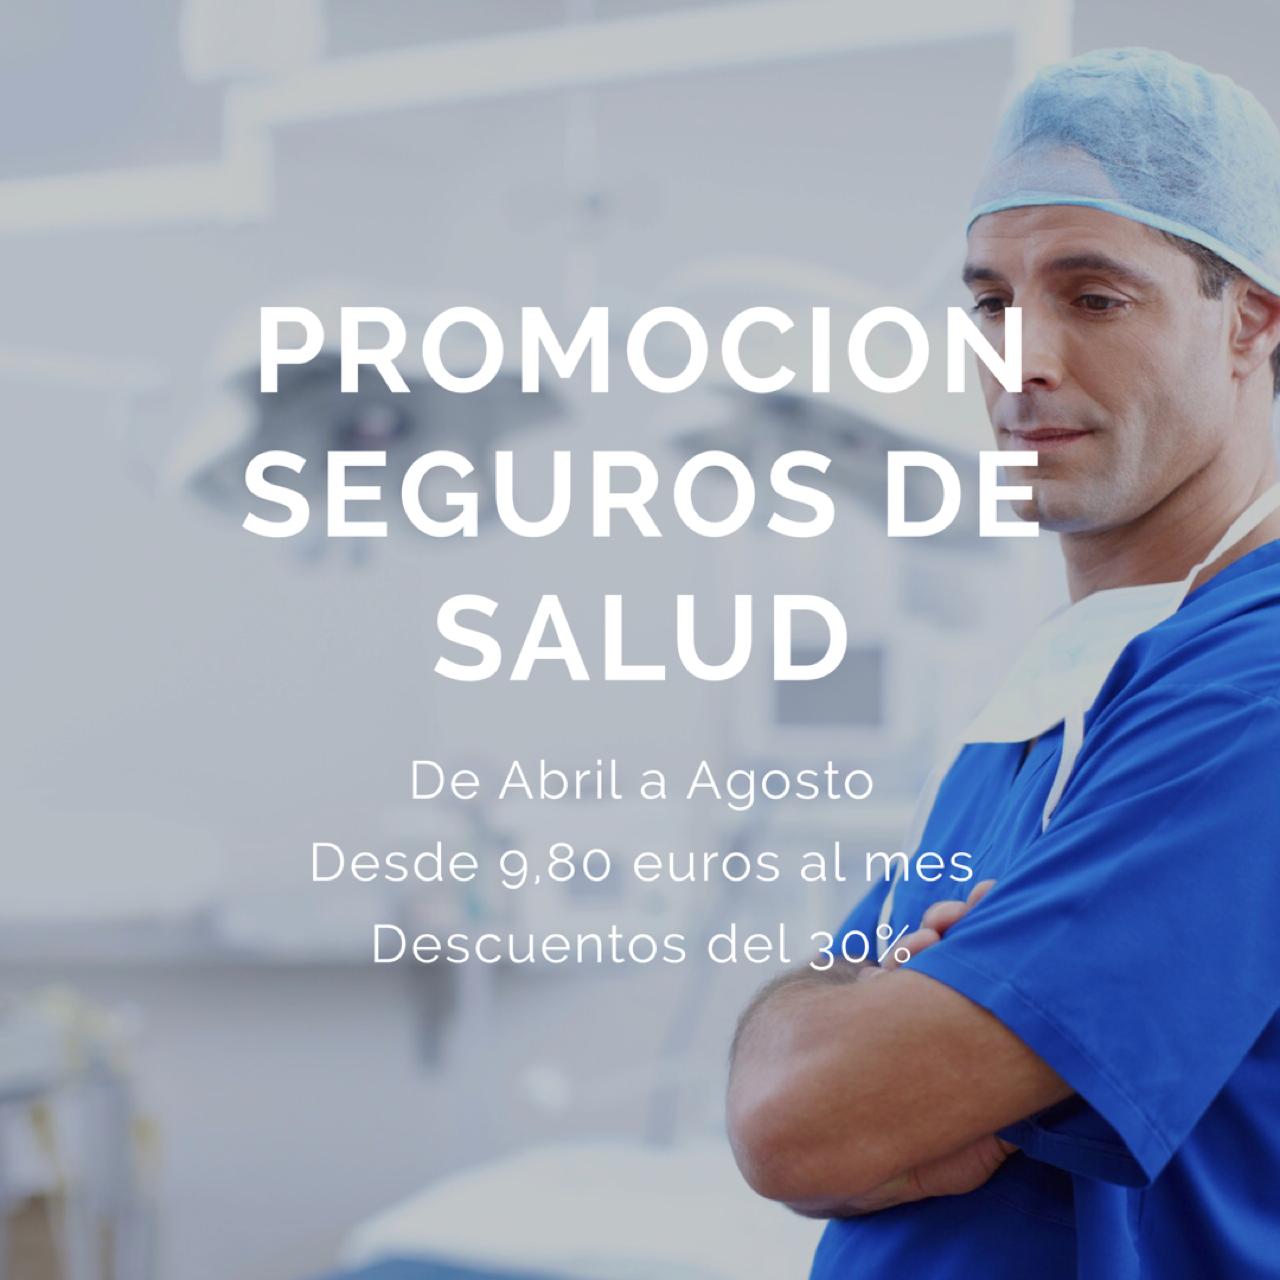 Promoción de Seguros de Salud